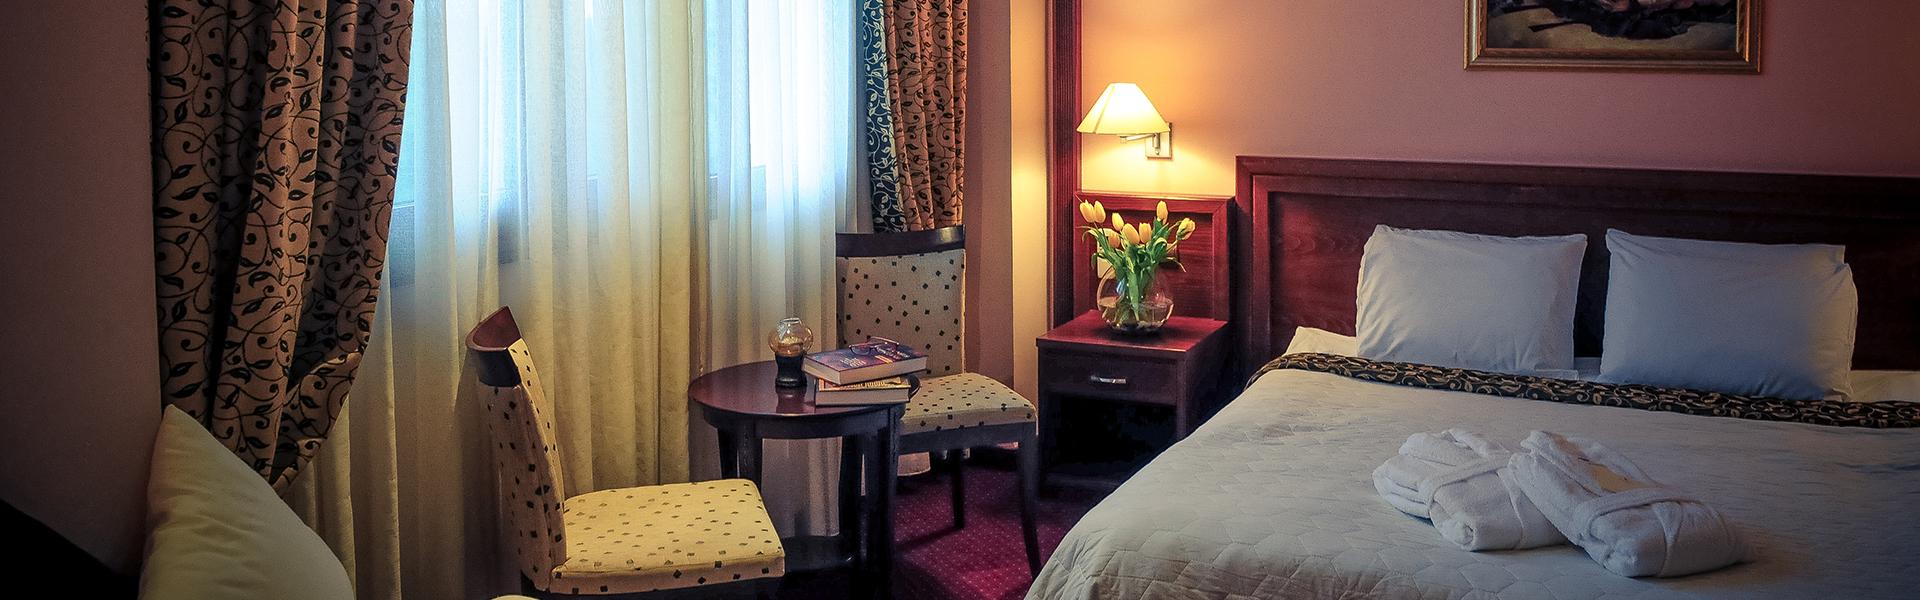 rooms_standard